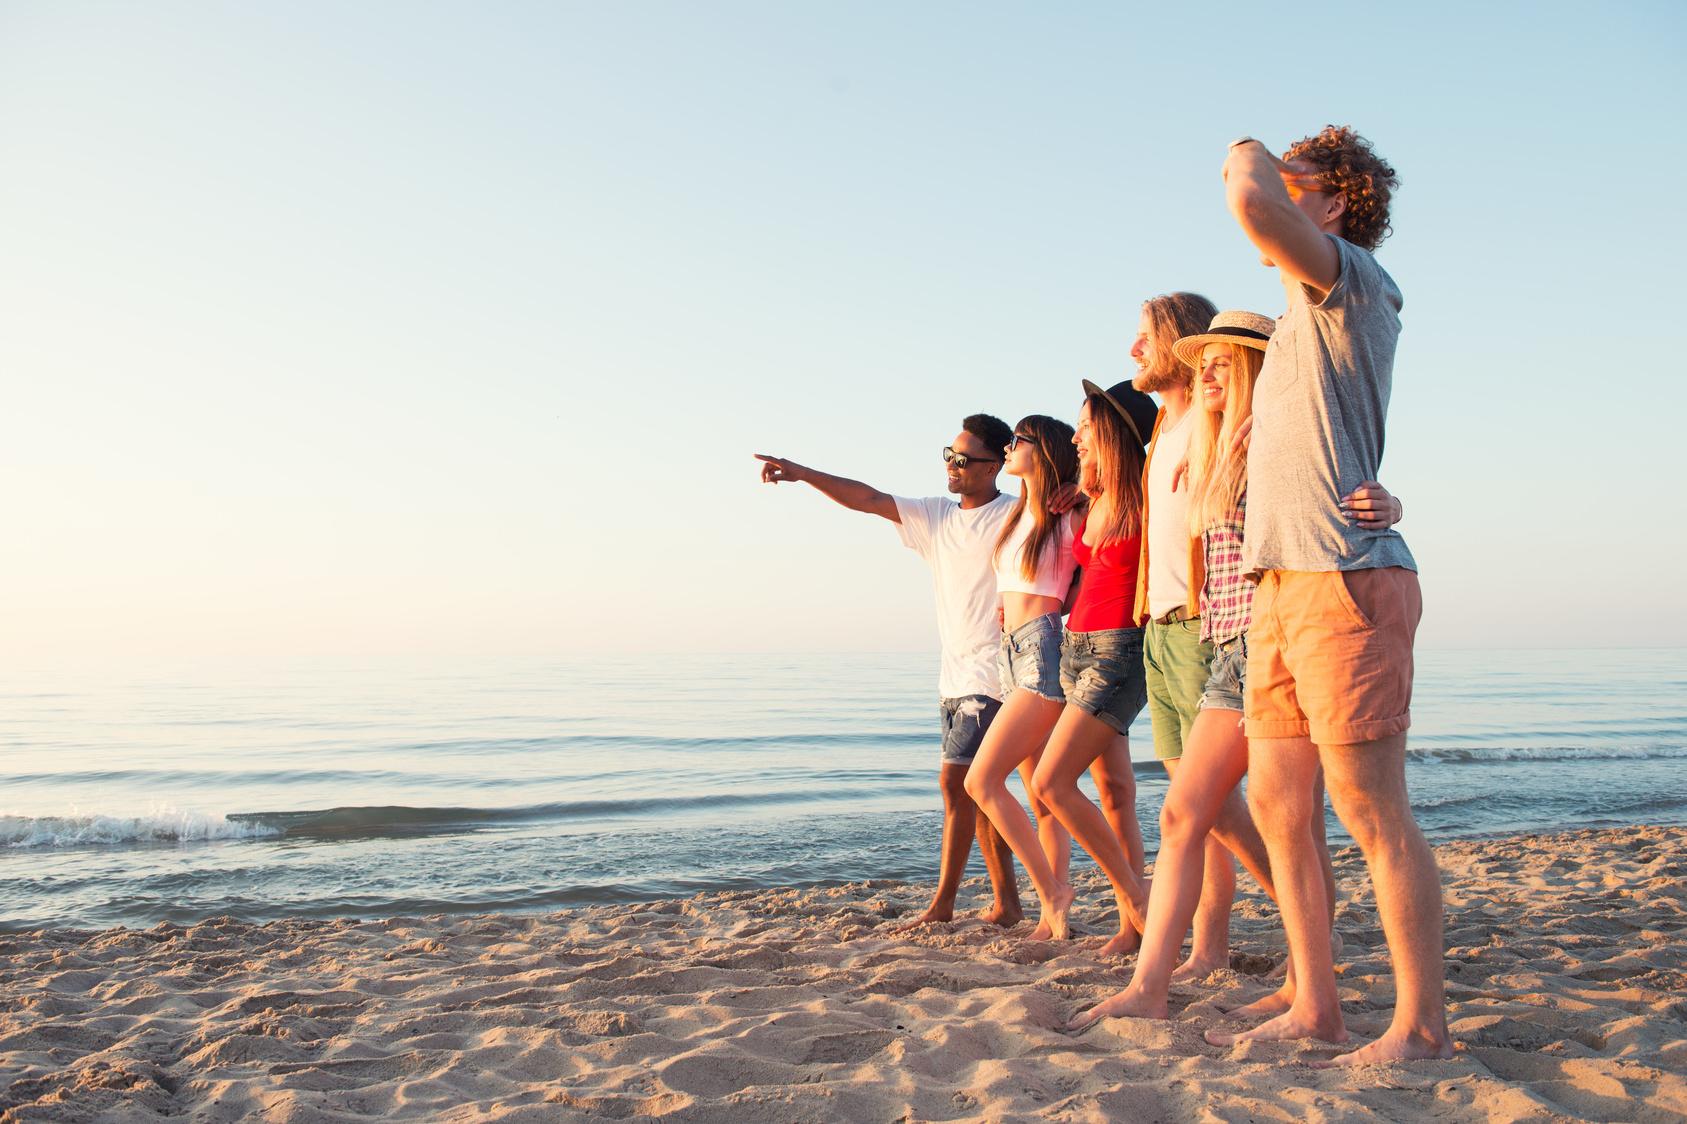 Hauttyp: 6 junge Menschen stehen am Strand und schauen in die Sonne